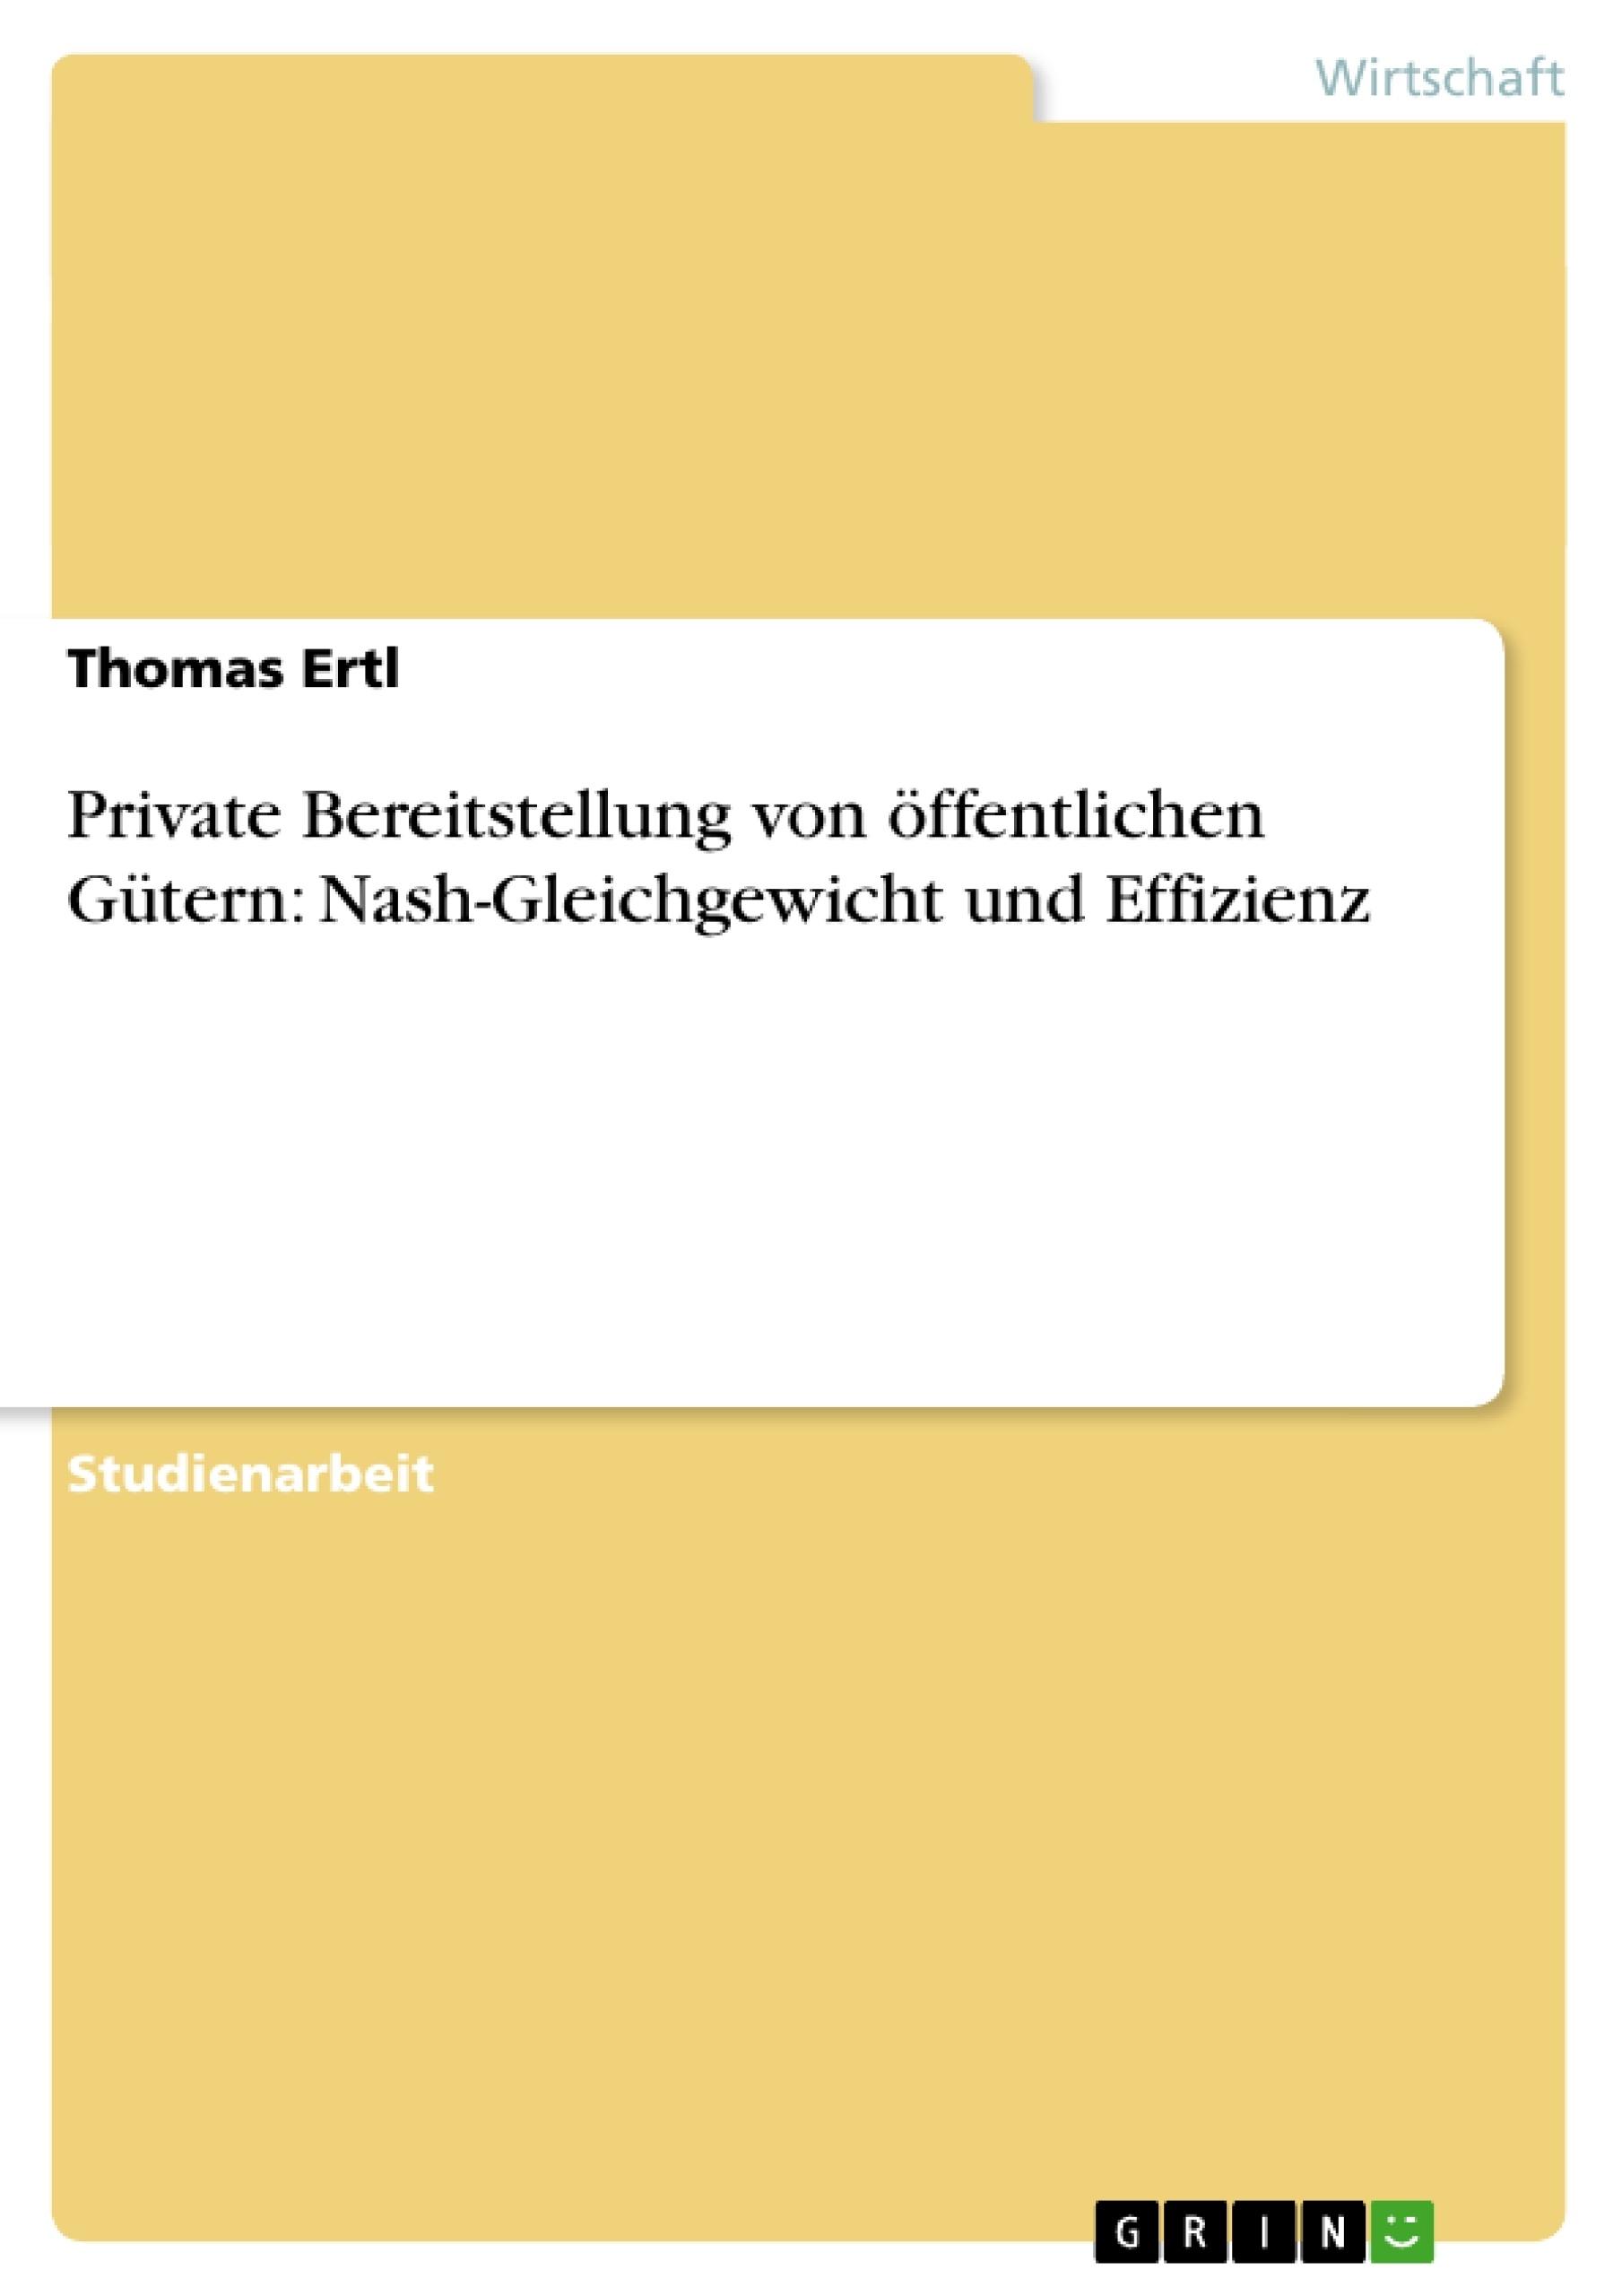 Titel: Private Bereitstellung von öffentlichen Gütern: Nash-Gleichgewicht und Effizienz